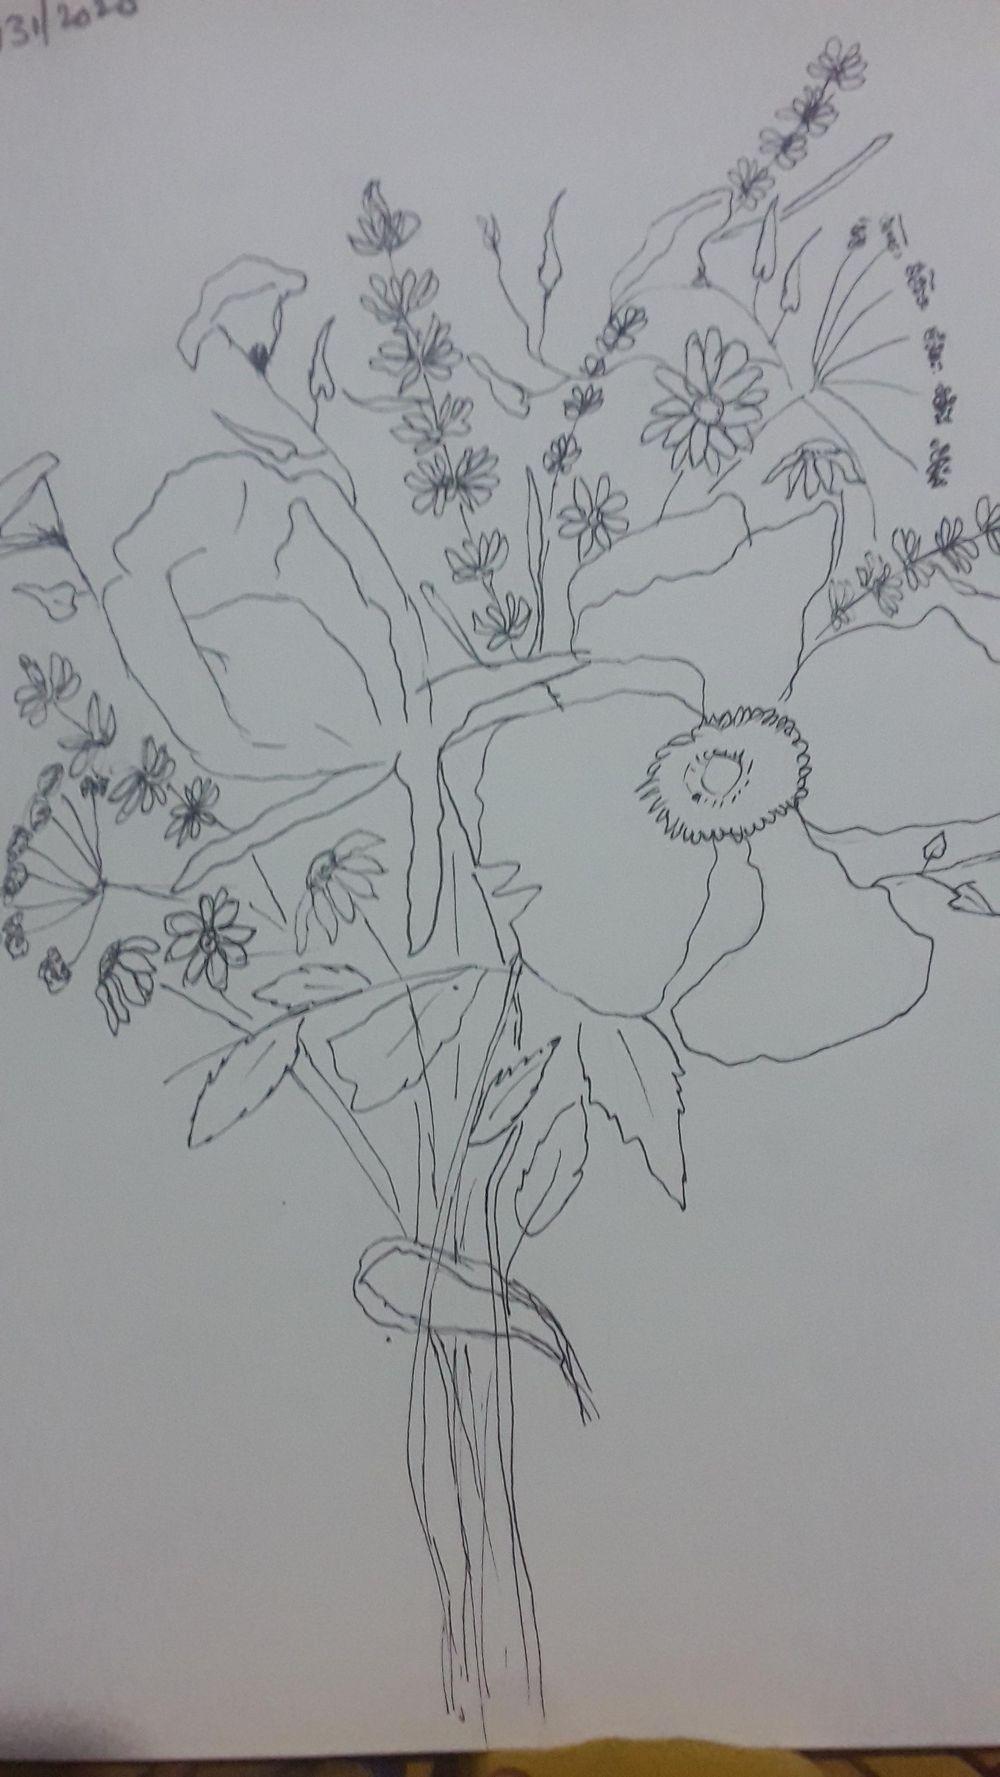 Bouquet of flowers - Lakshmi - image 1 - student project